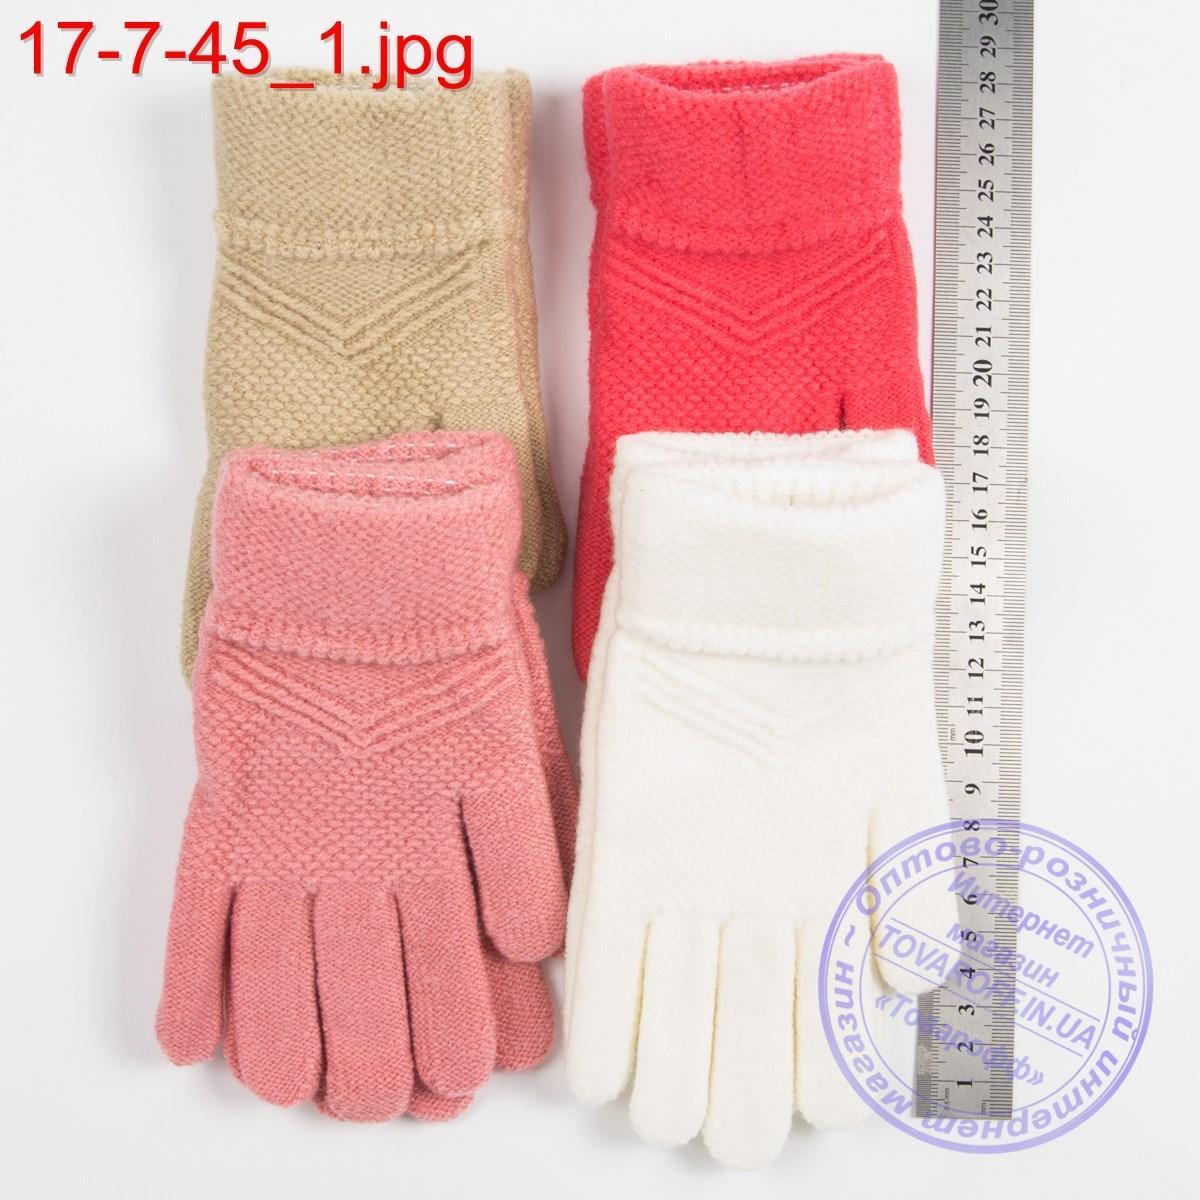 Оптом шерстяные перчатки для девочек 6, 7, 8, 9 лет - №17-7-45